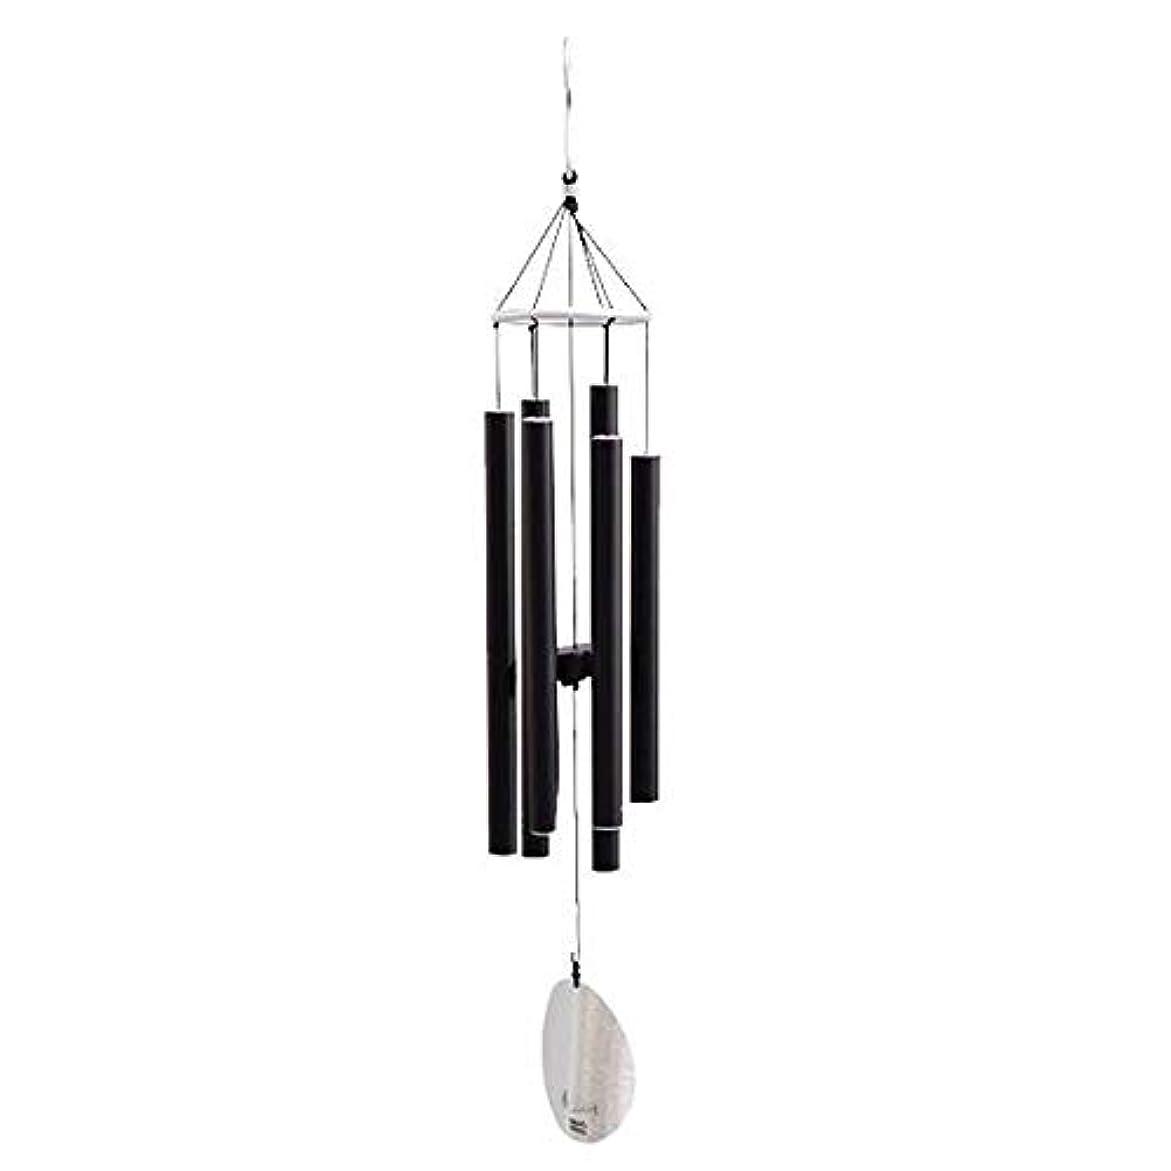 ピカリング見積り人柄Qiyuezhuangshi 風チャイム、メタル肥厚6チューブ風の鐘、ブラック、全身について77CM,美しいホリデーギフト (Color : Black)